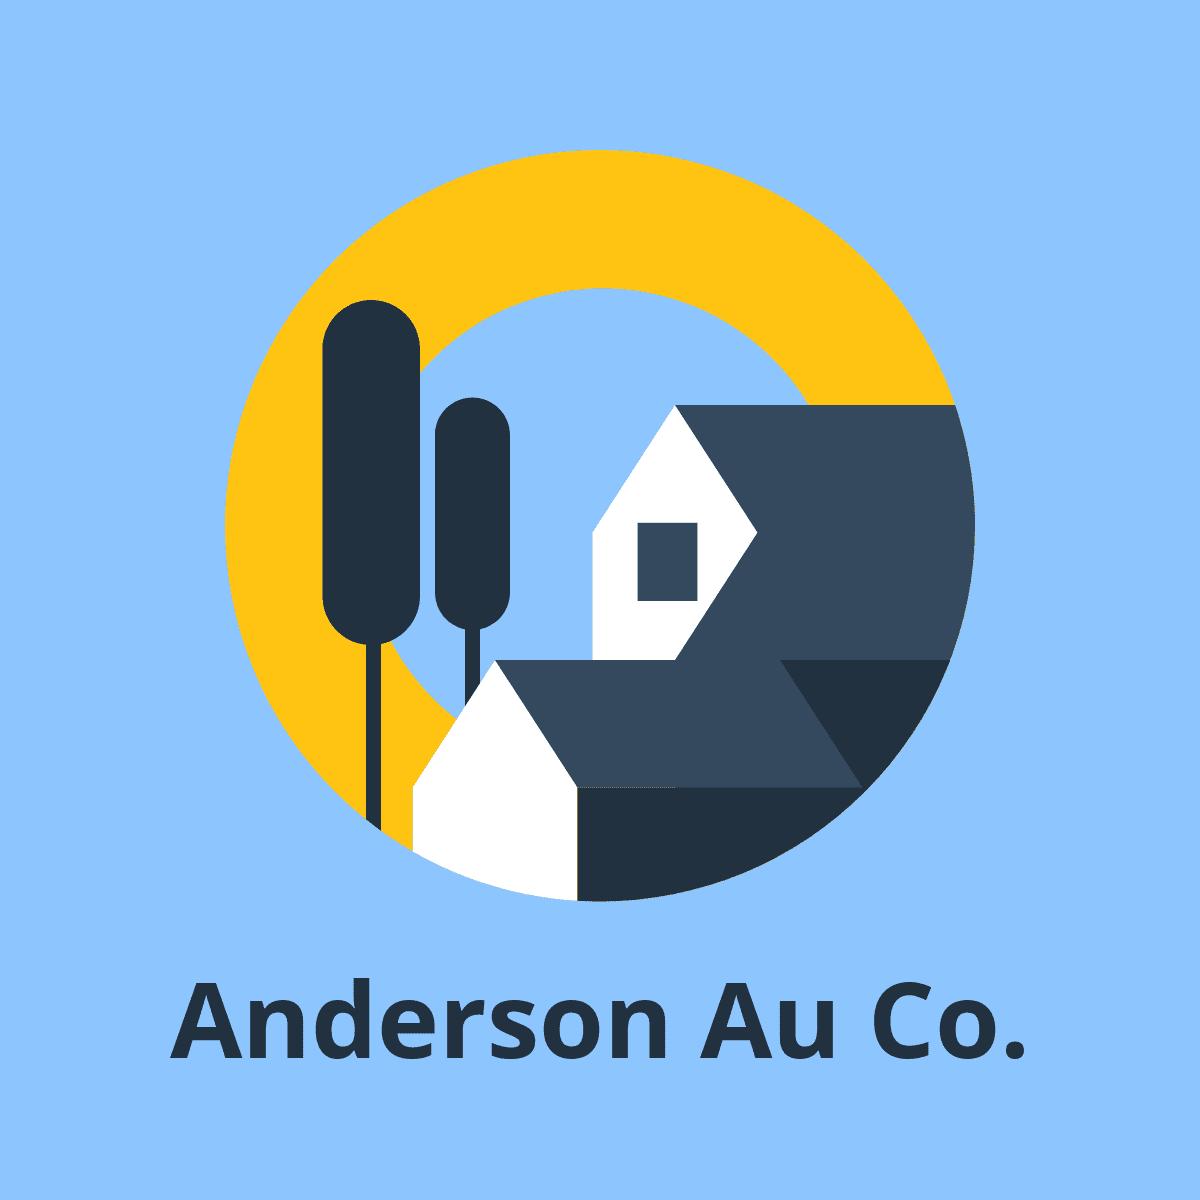 Anderson Au Co.